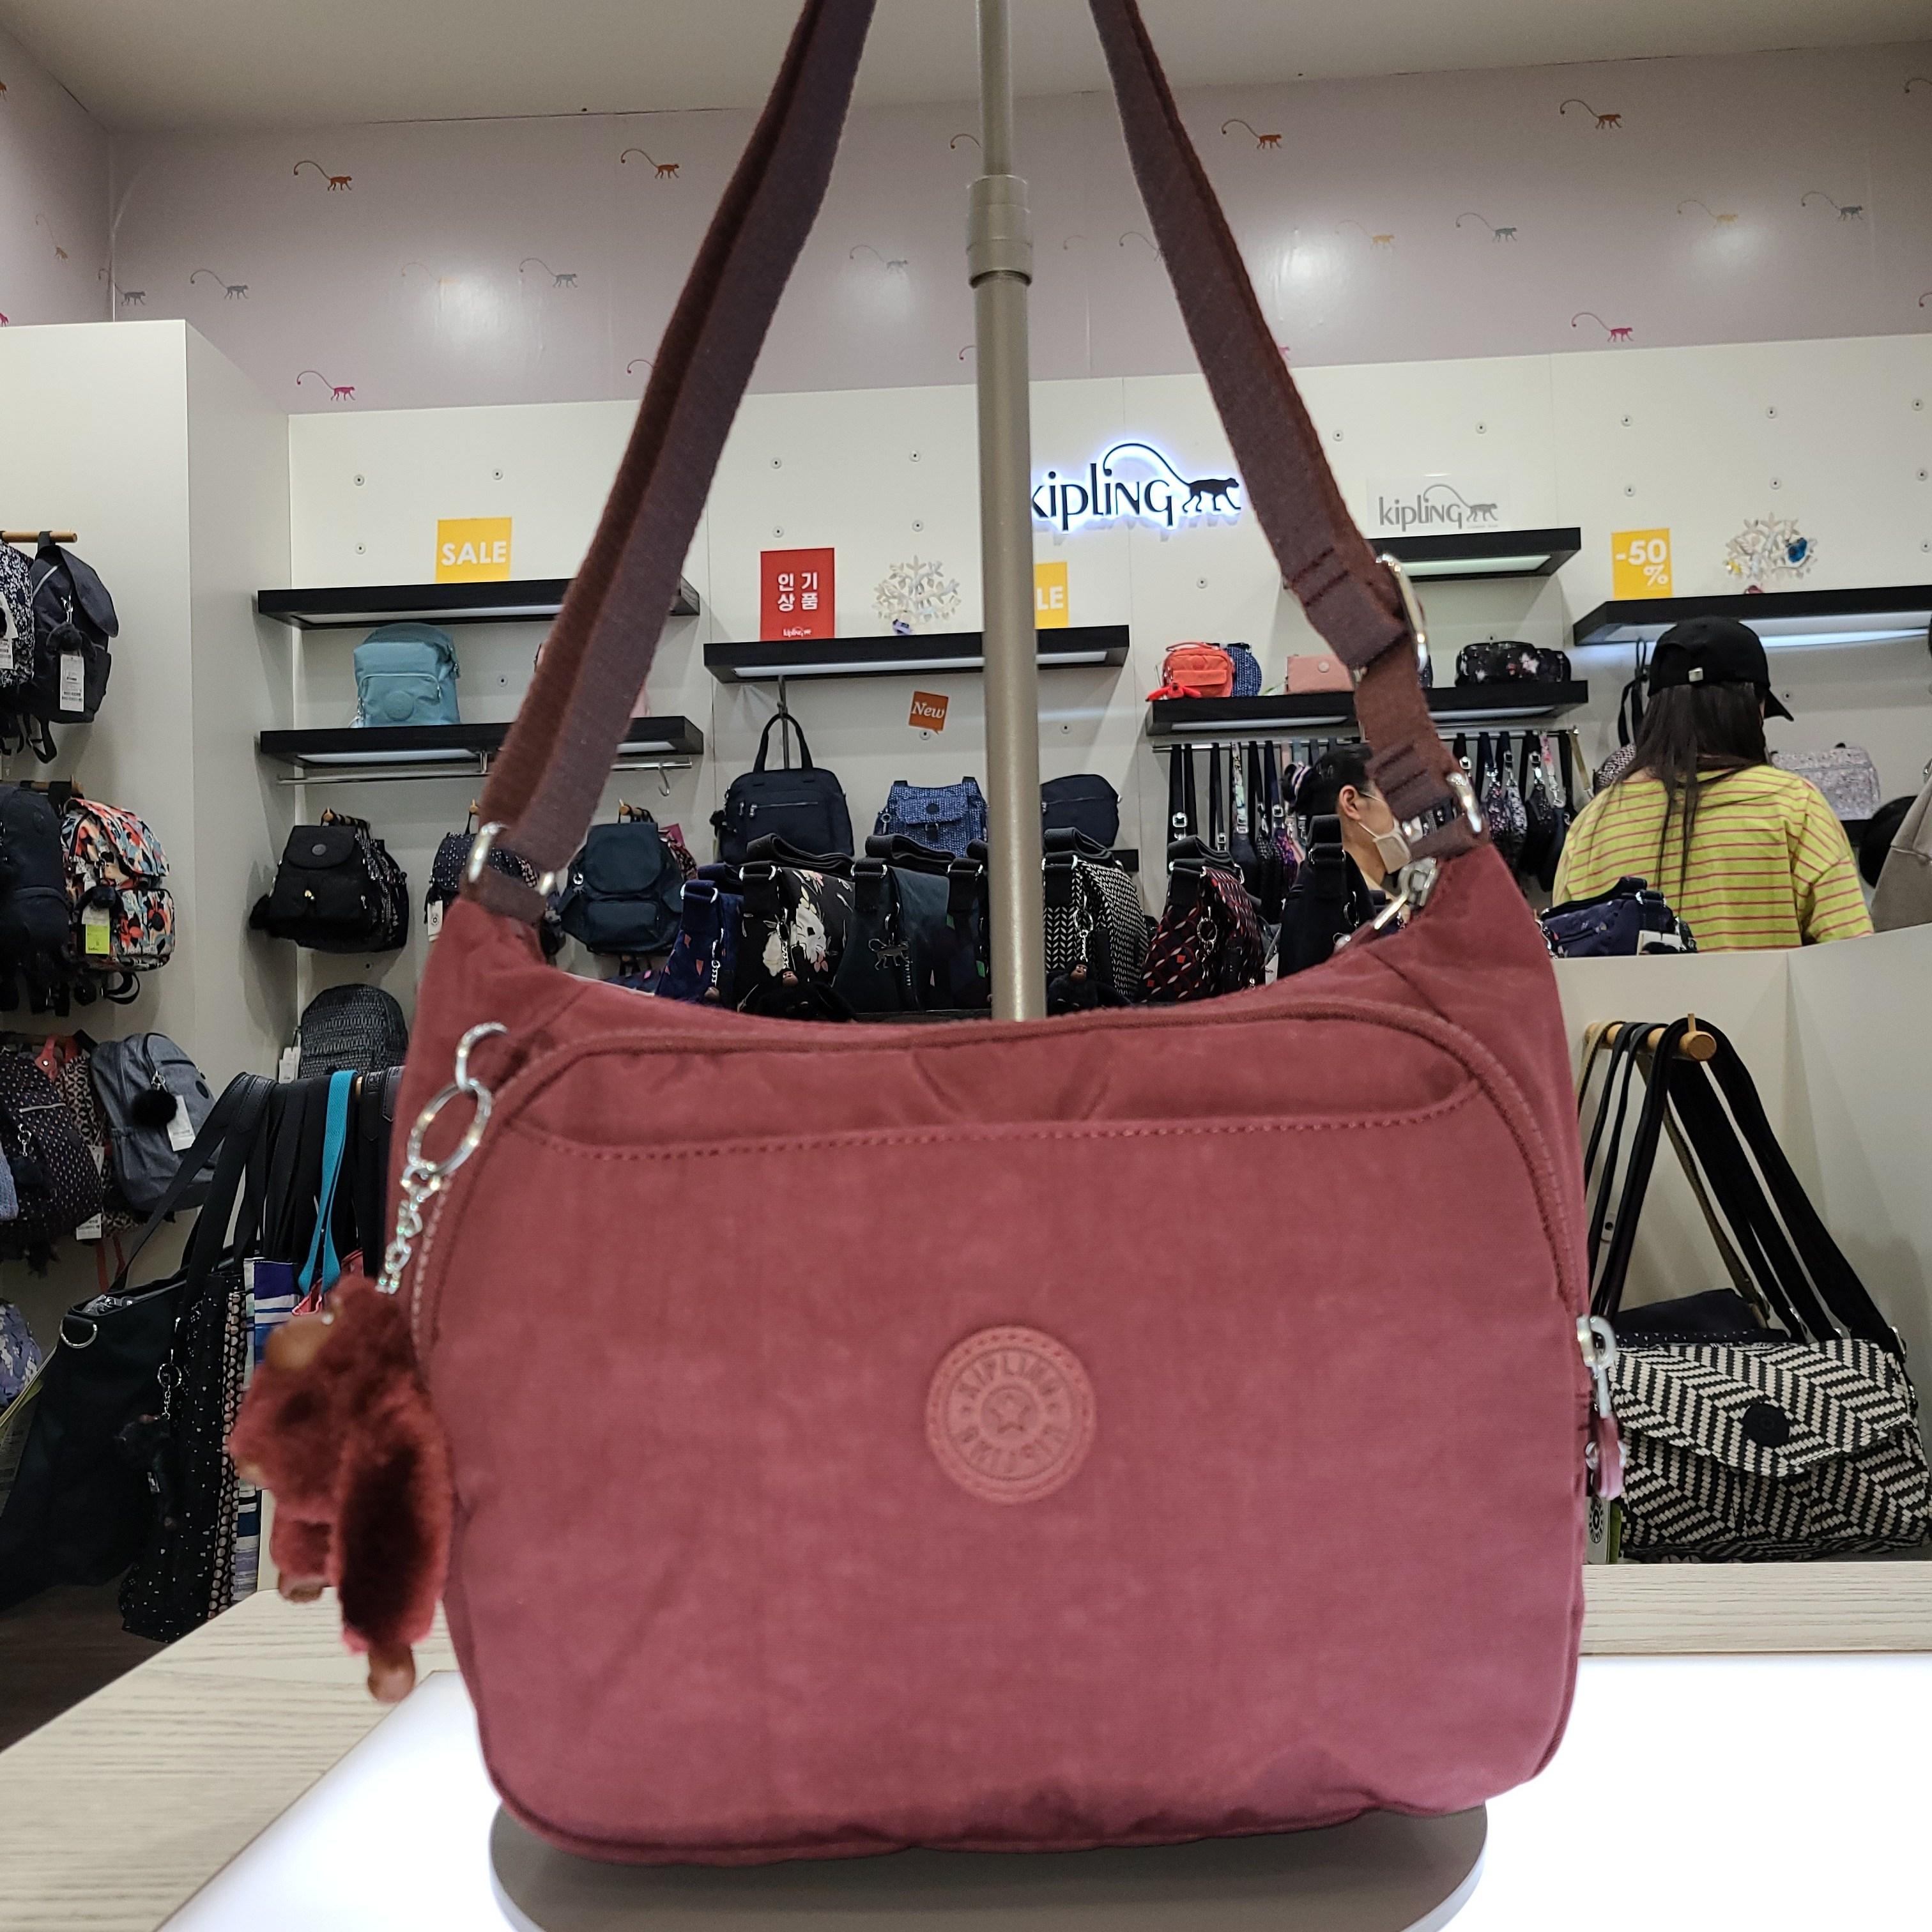 키플링 숄더&크로스백 카이(CAI) 나들이에 유용한 가방